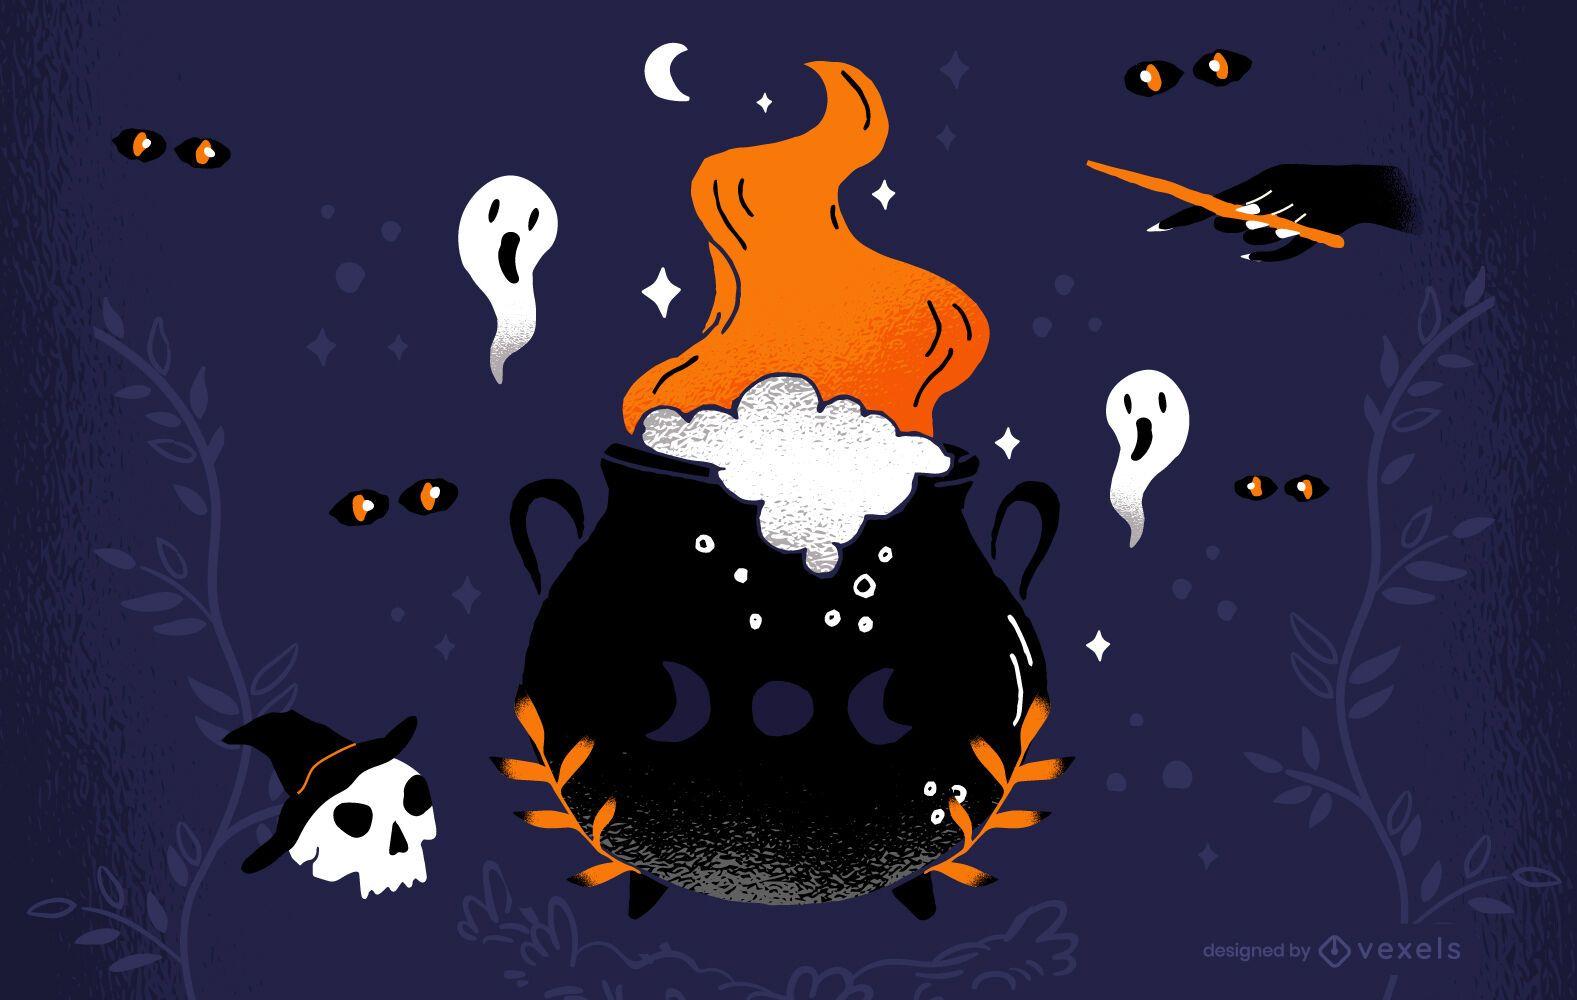 Halloween cauldron illustration design